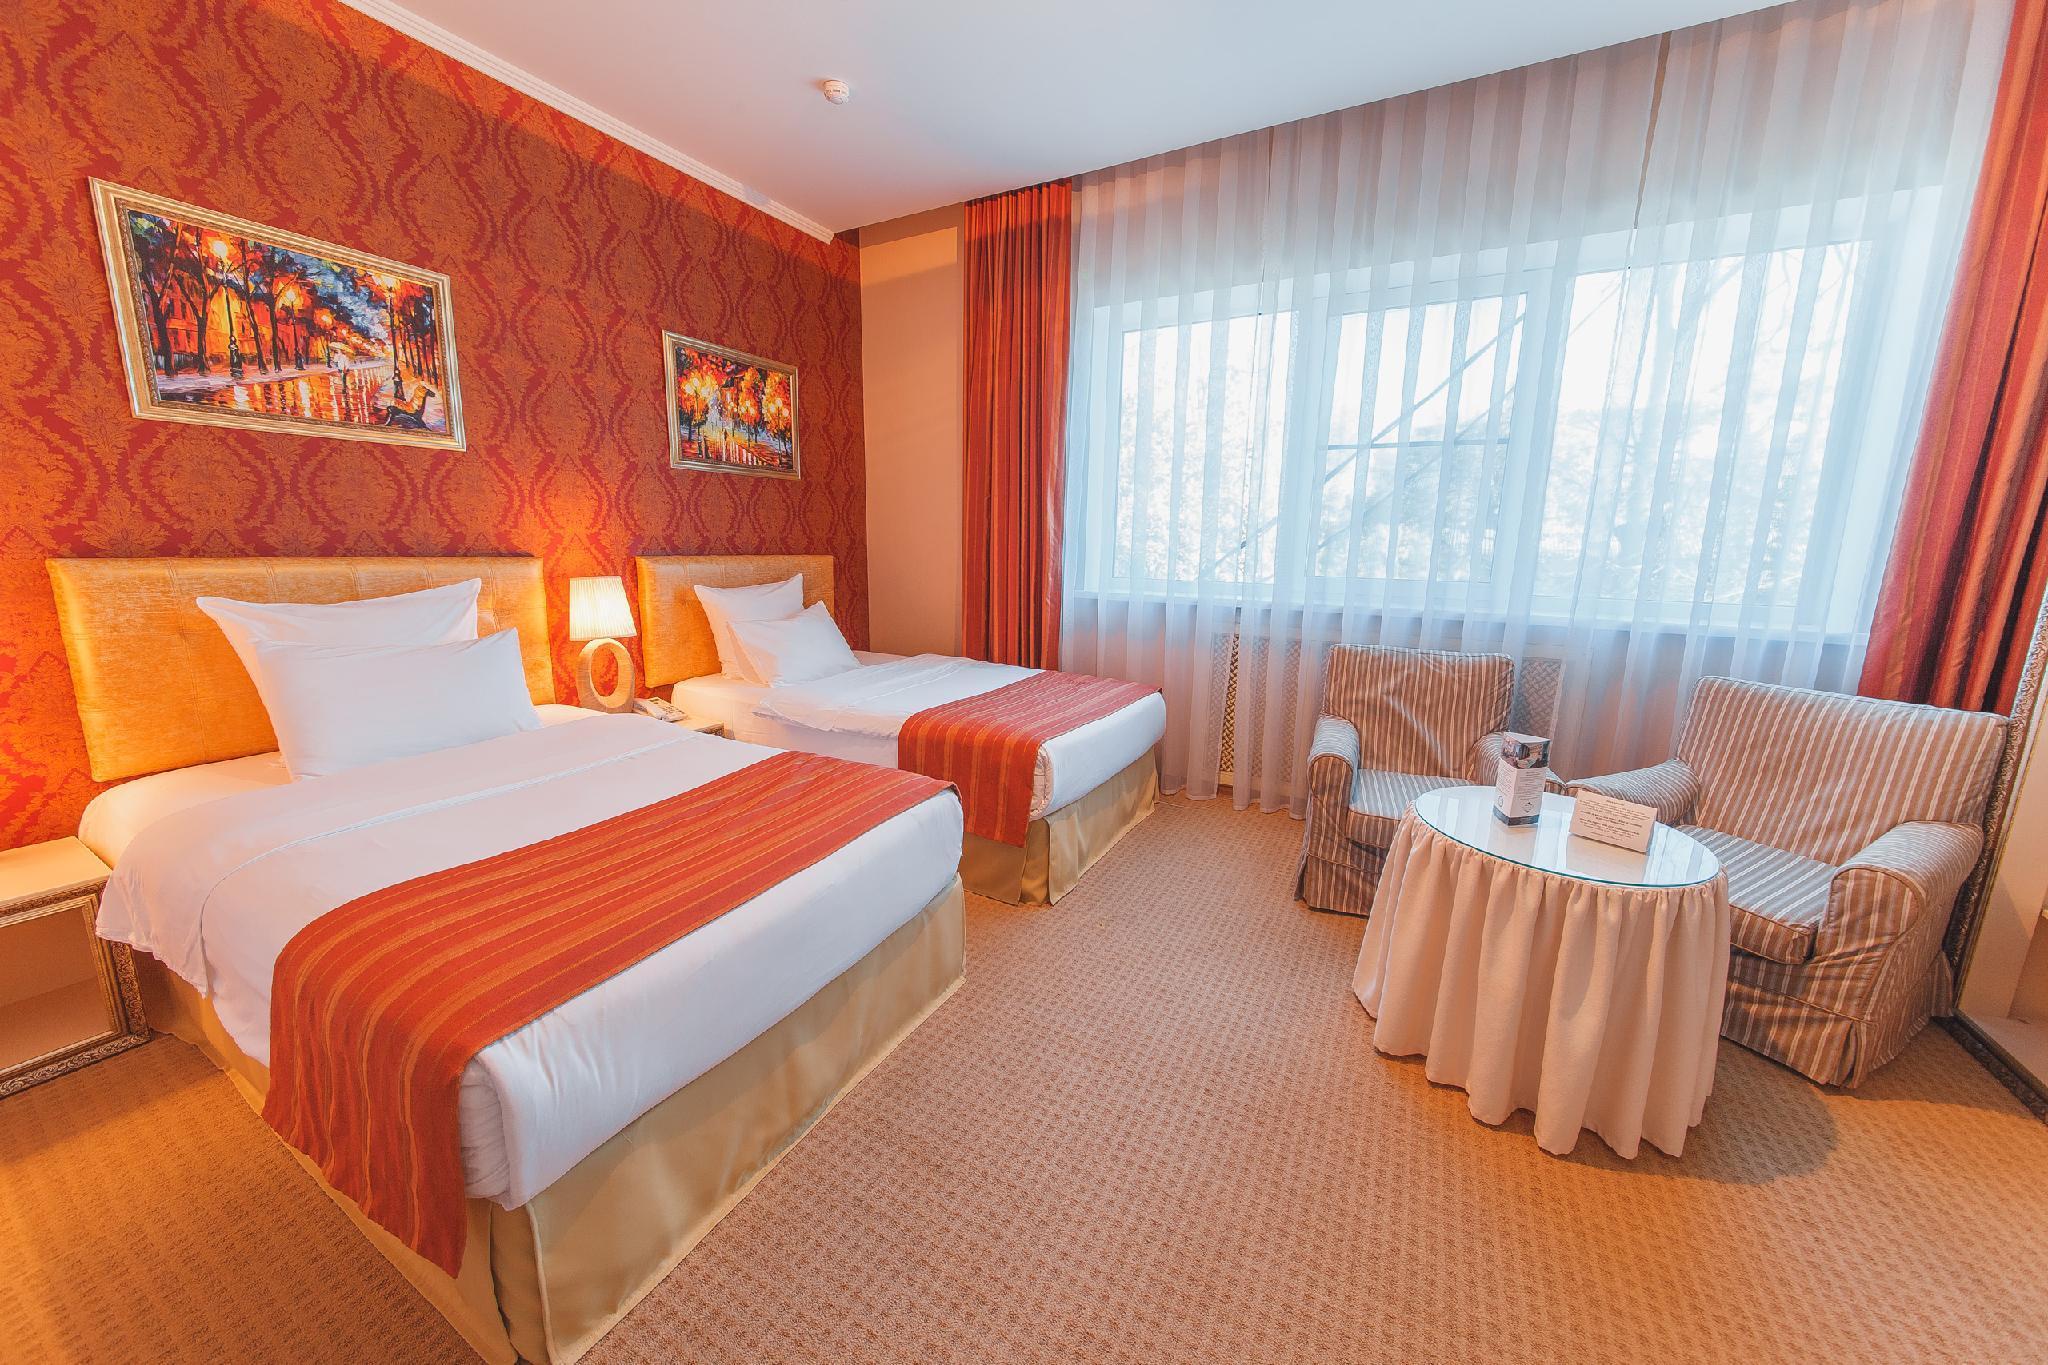 Merotel Hotel